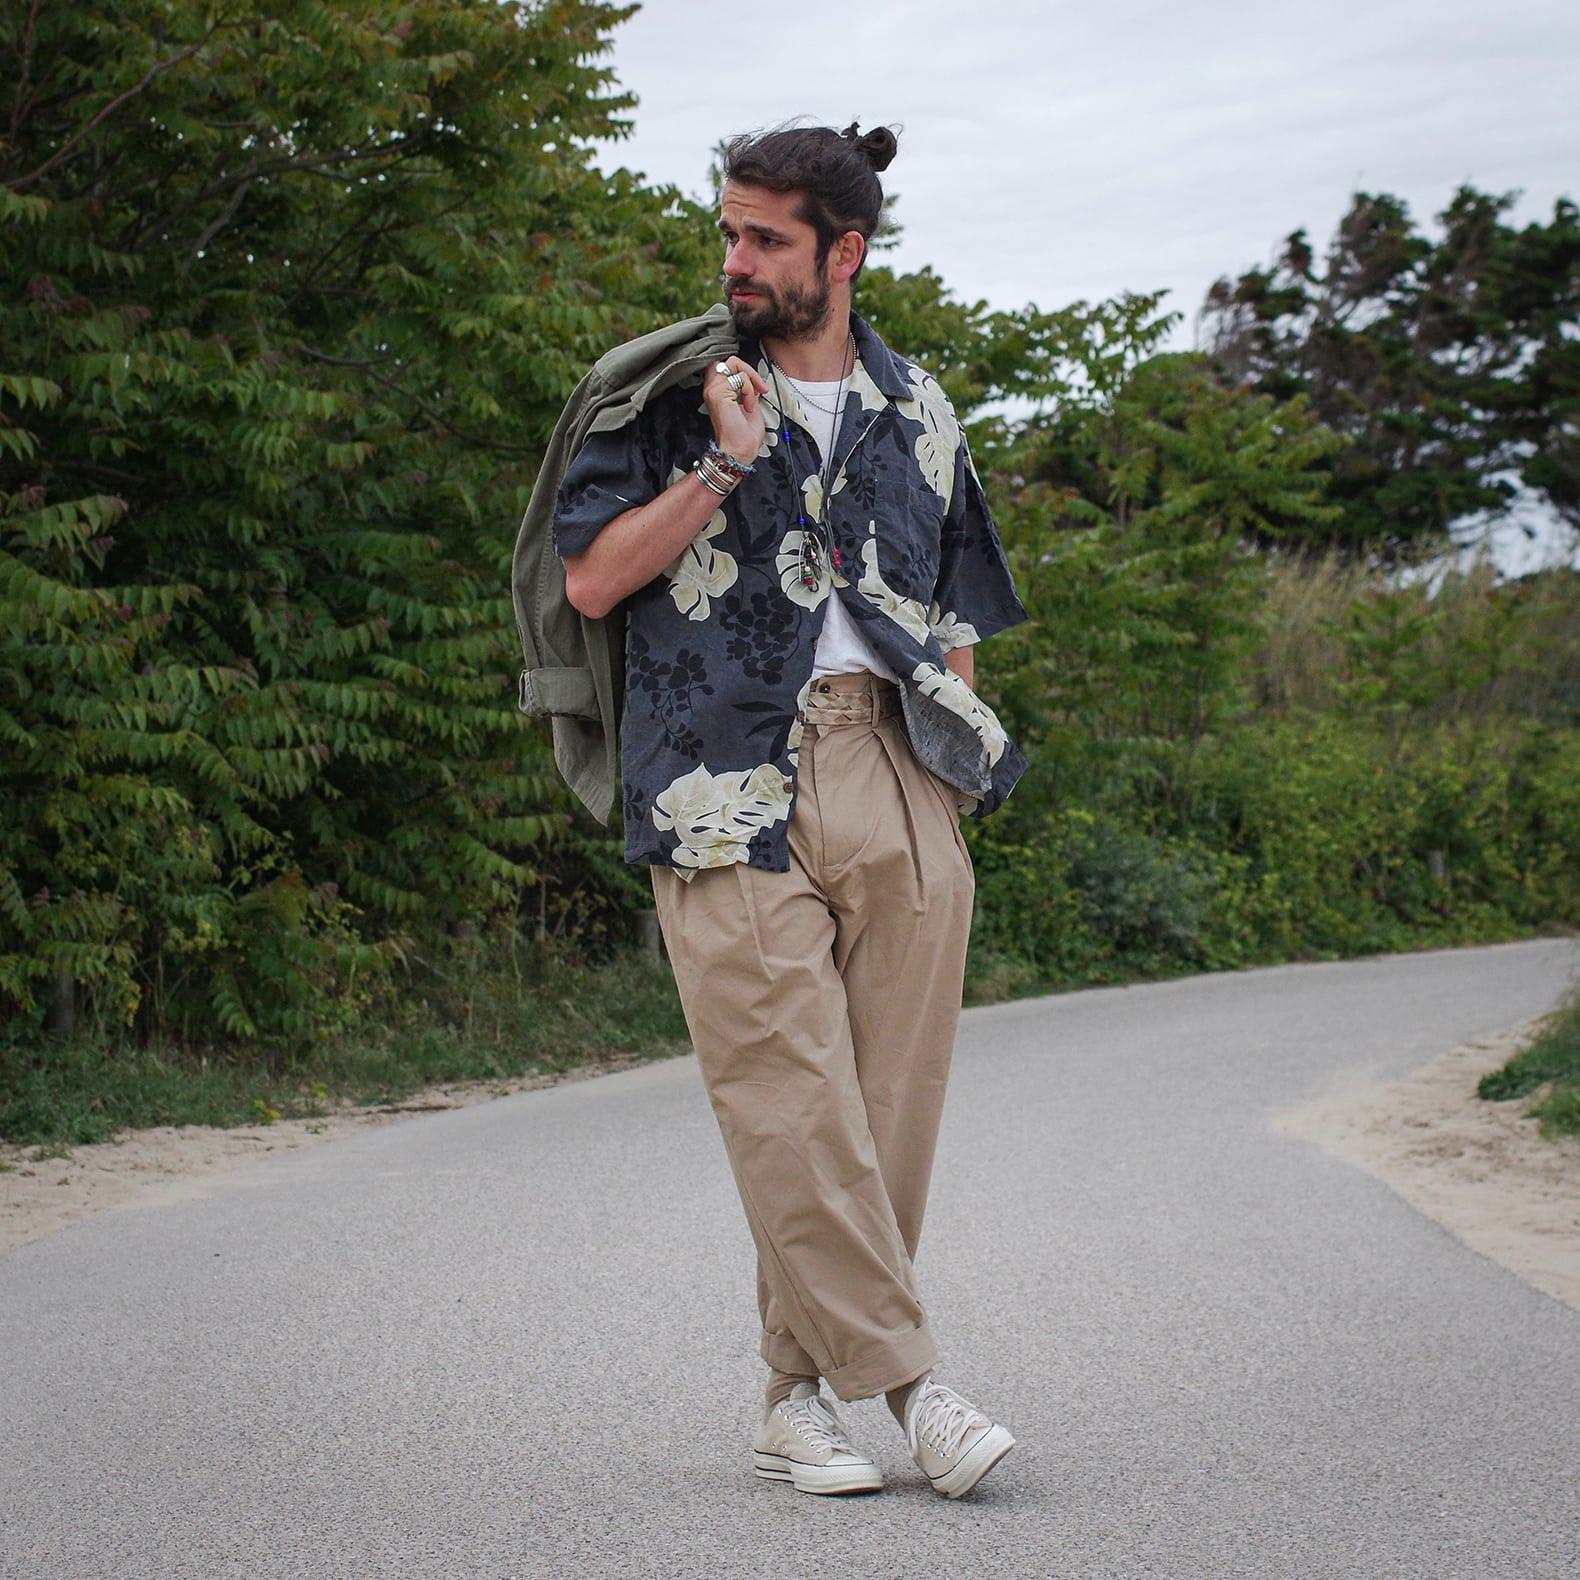 chemisette à fleurs et pantalon taille haute de bonne facture